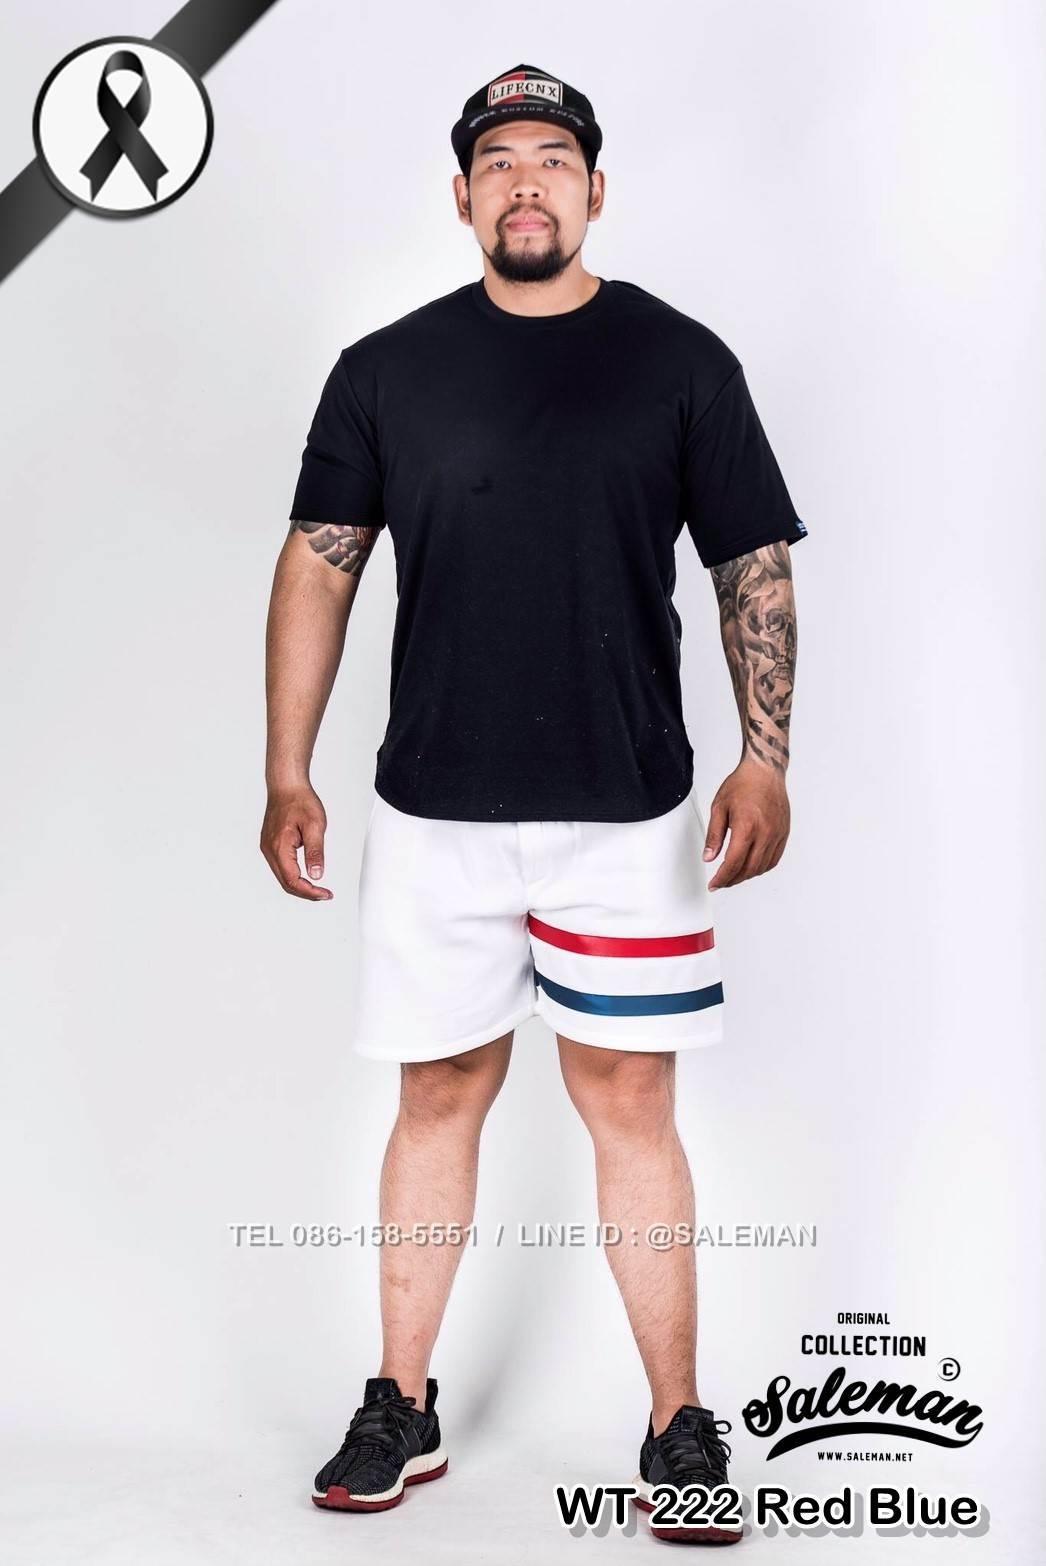 กางเกงขาสั้น พรีเมี่ยม รหัสWT222 Red Blue สีขาว แถบแดง ฟ้า